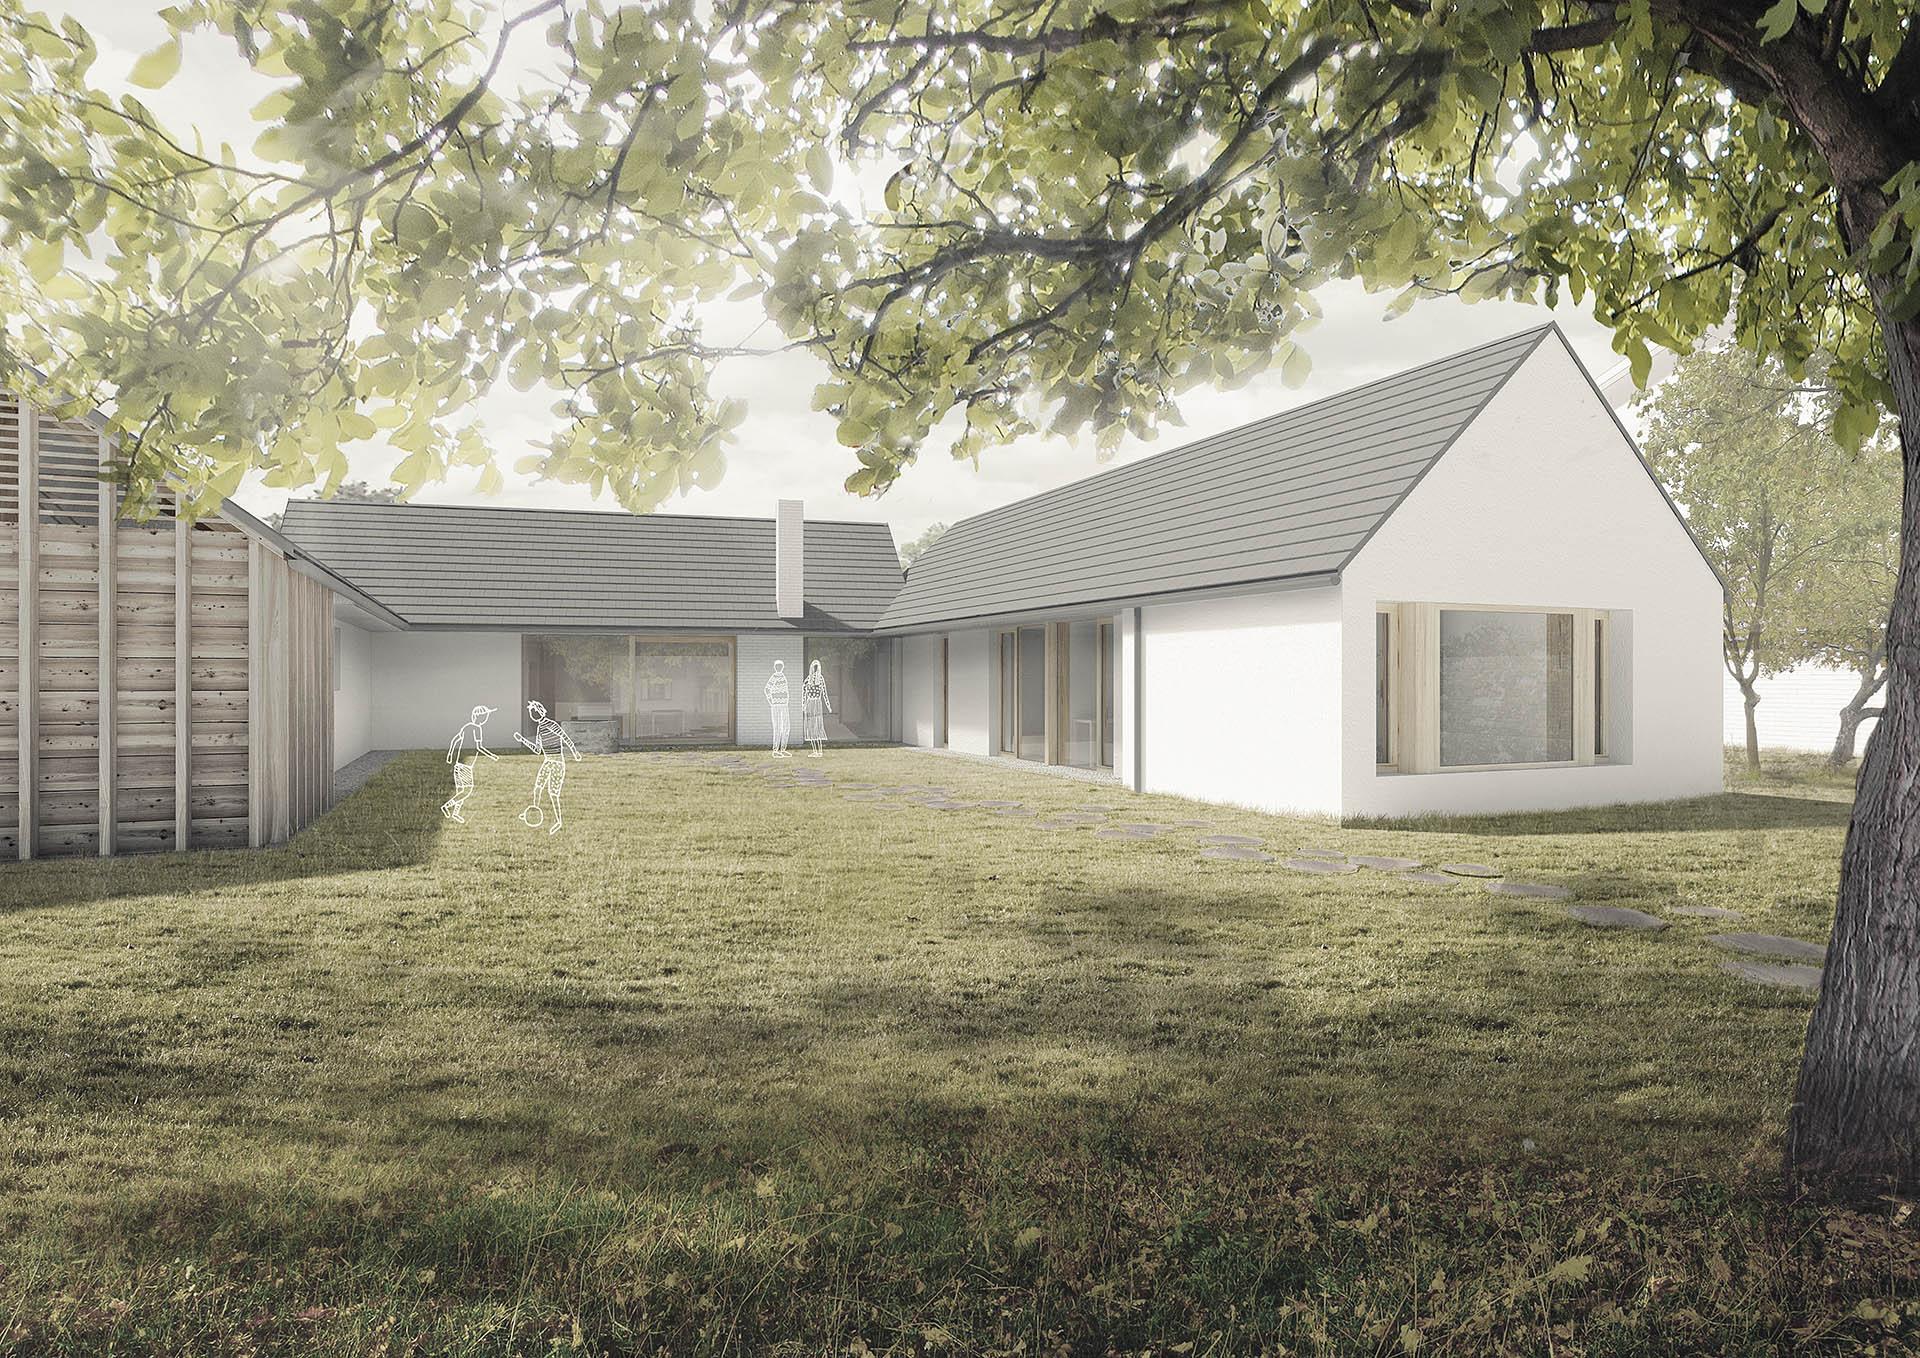 Rodinný dům Slavkov z pohledu ze zahrady